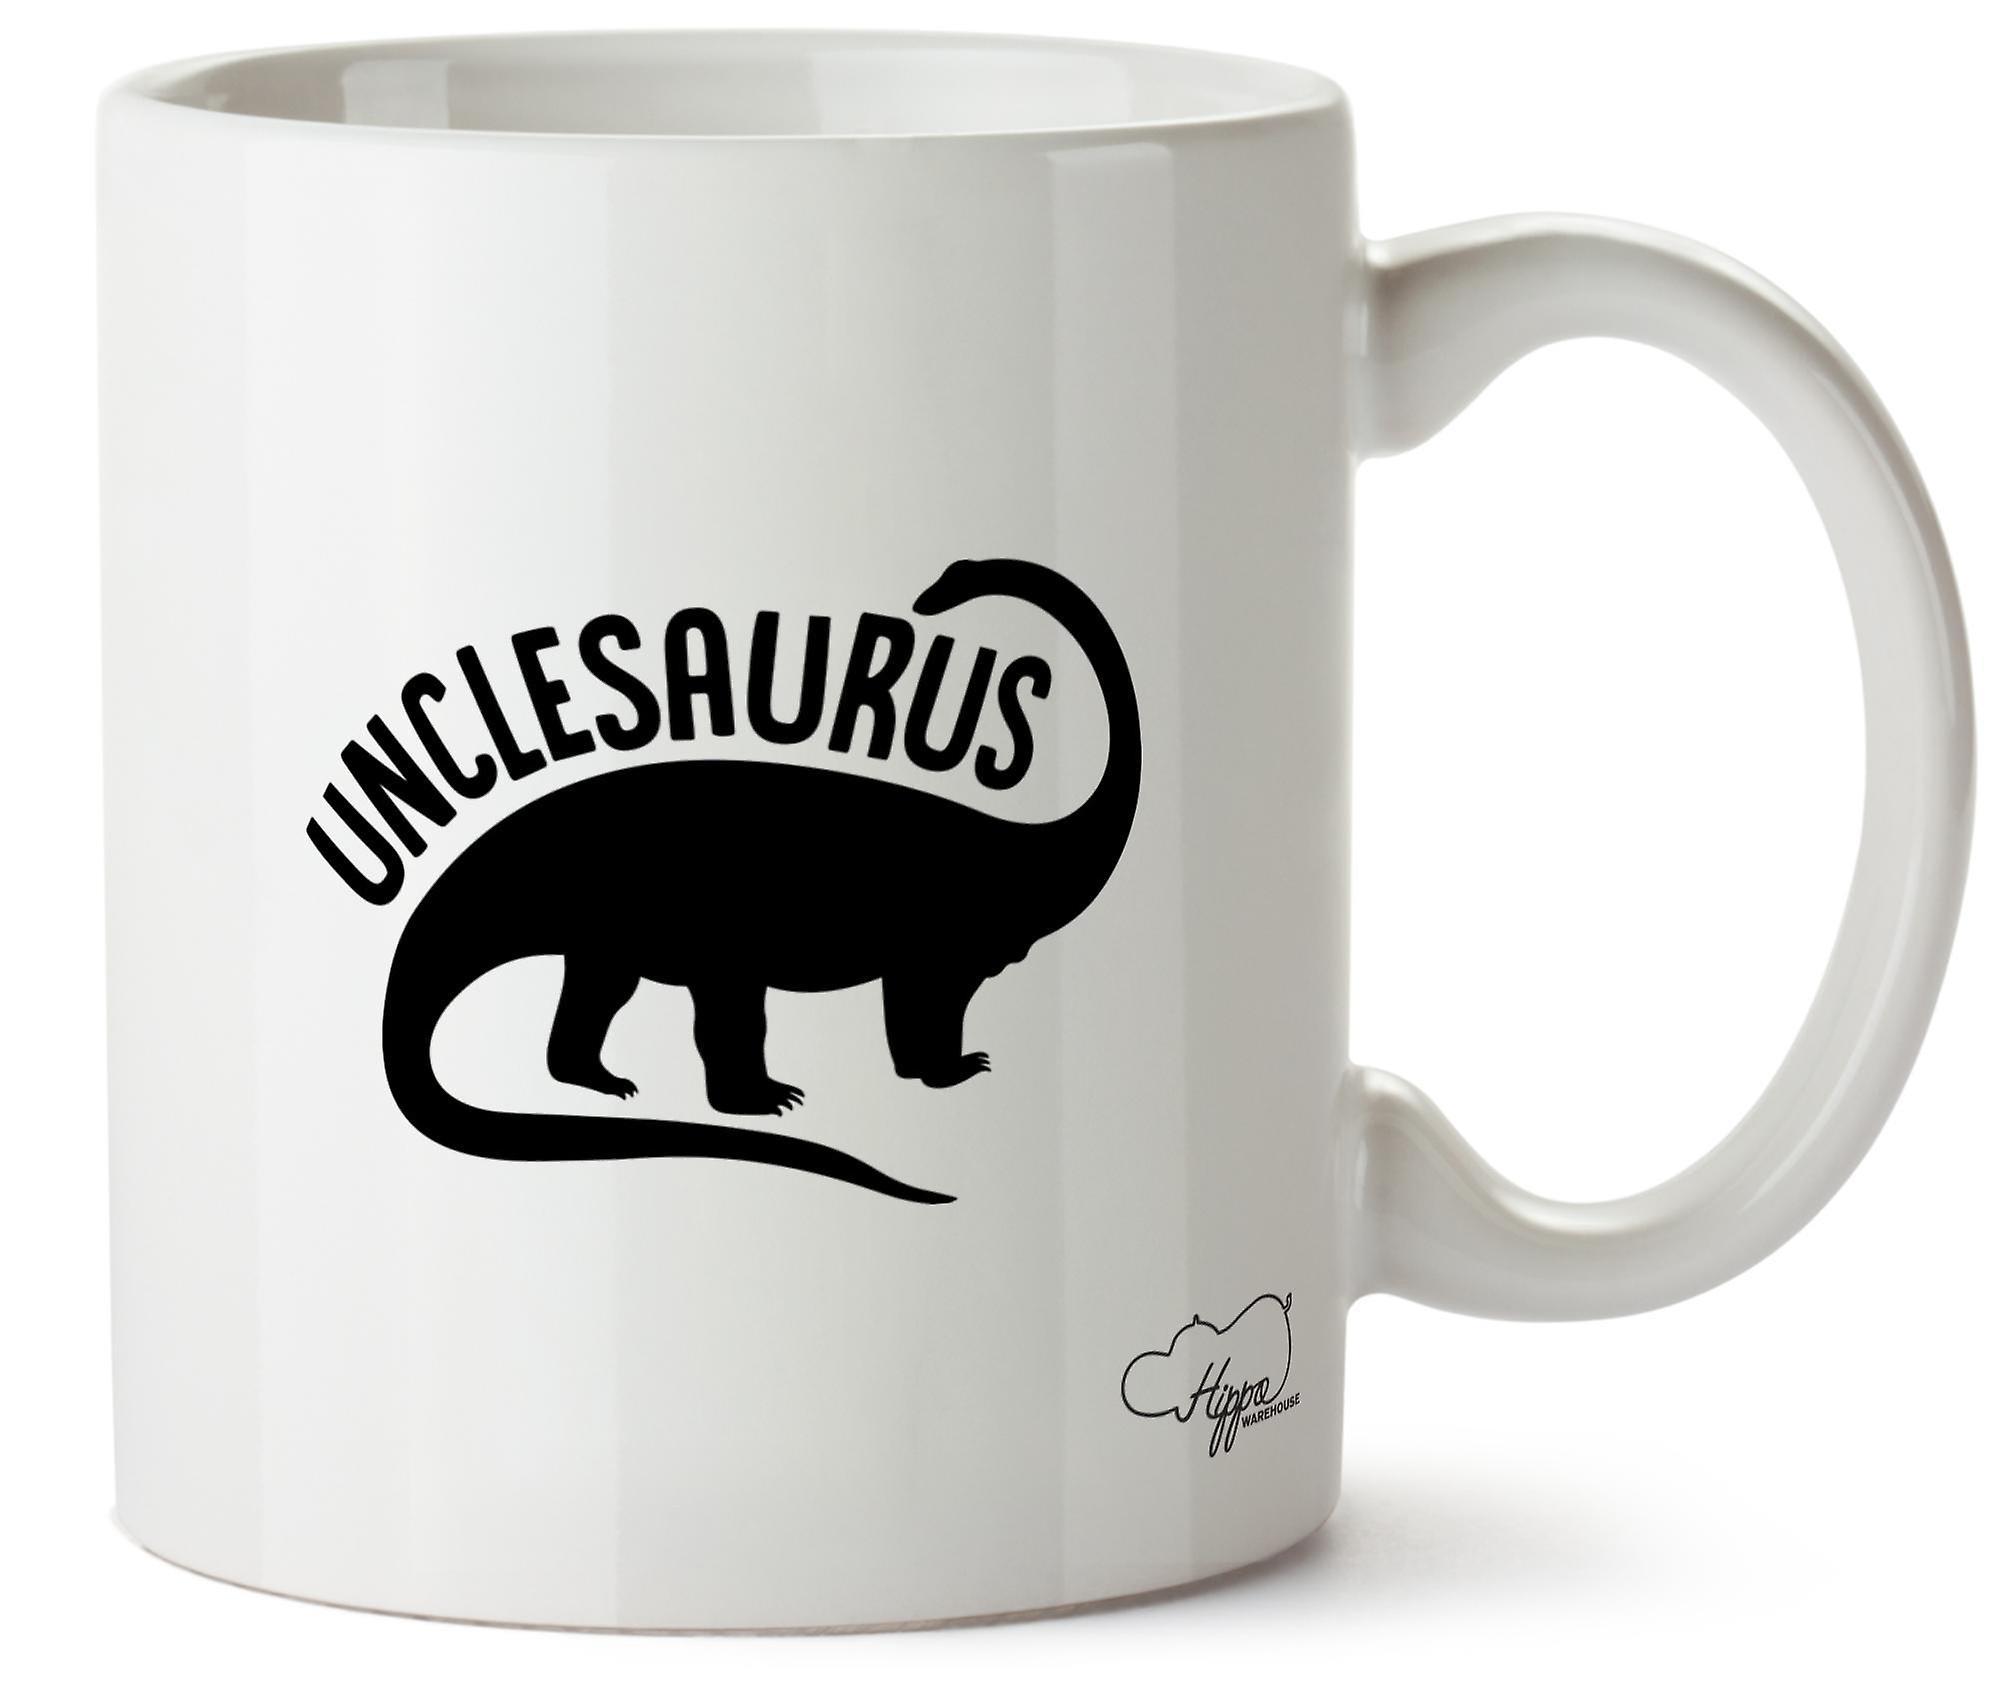 En Imprimé Unclesaurus Céramique Hippowarehouse Tasse 10oz 8wOPkn0XN